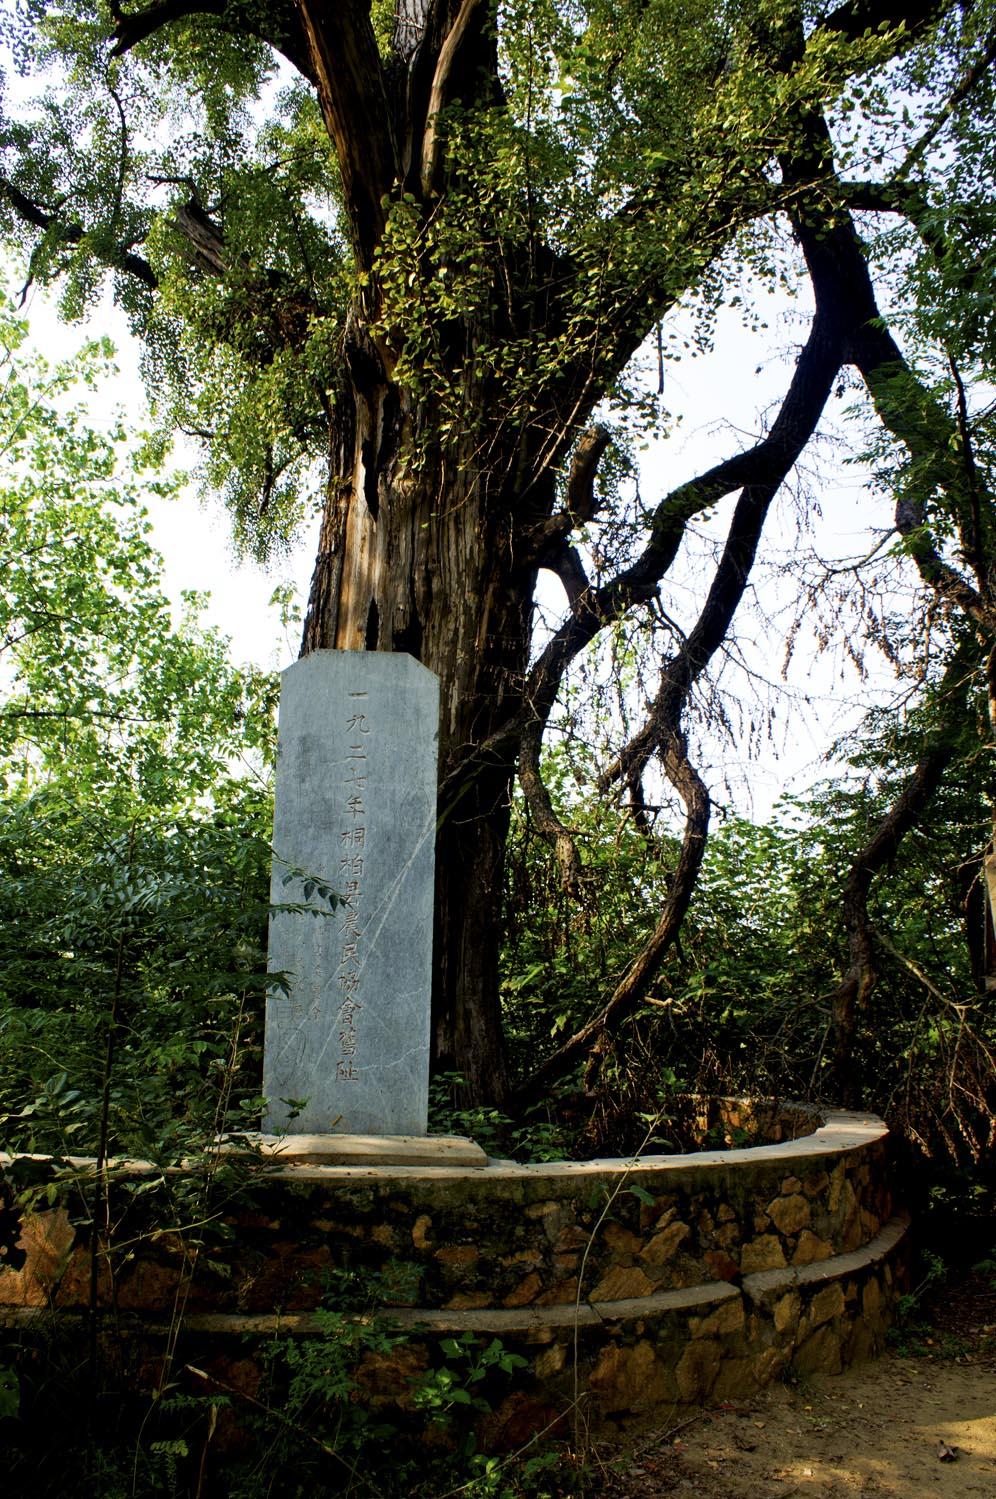 桐柏固县镇千年古树[银杏树]拍摄活动----古银杏树